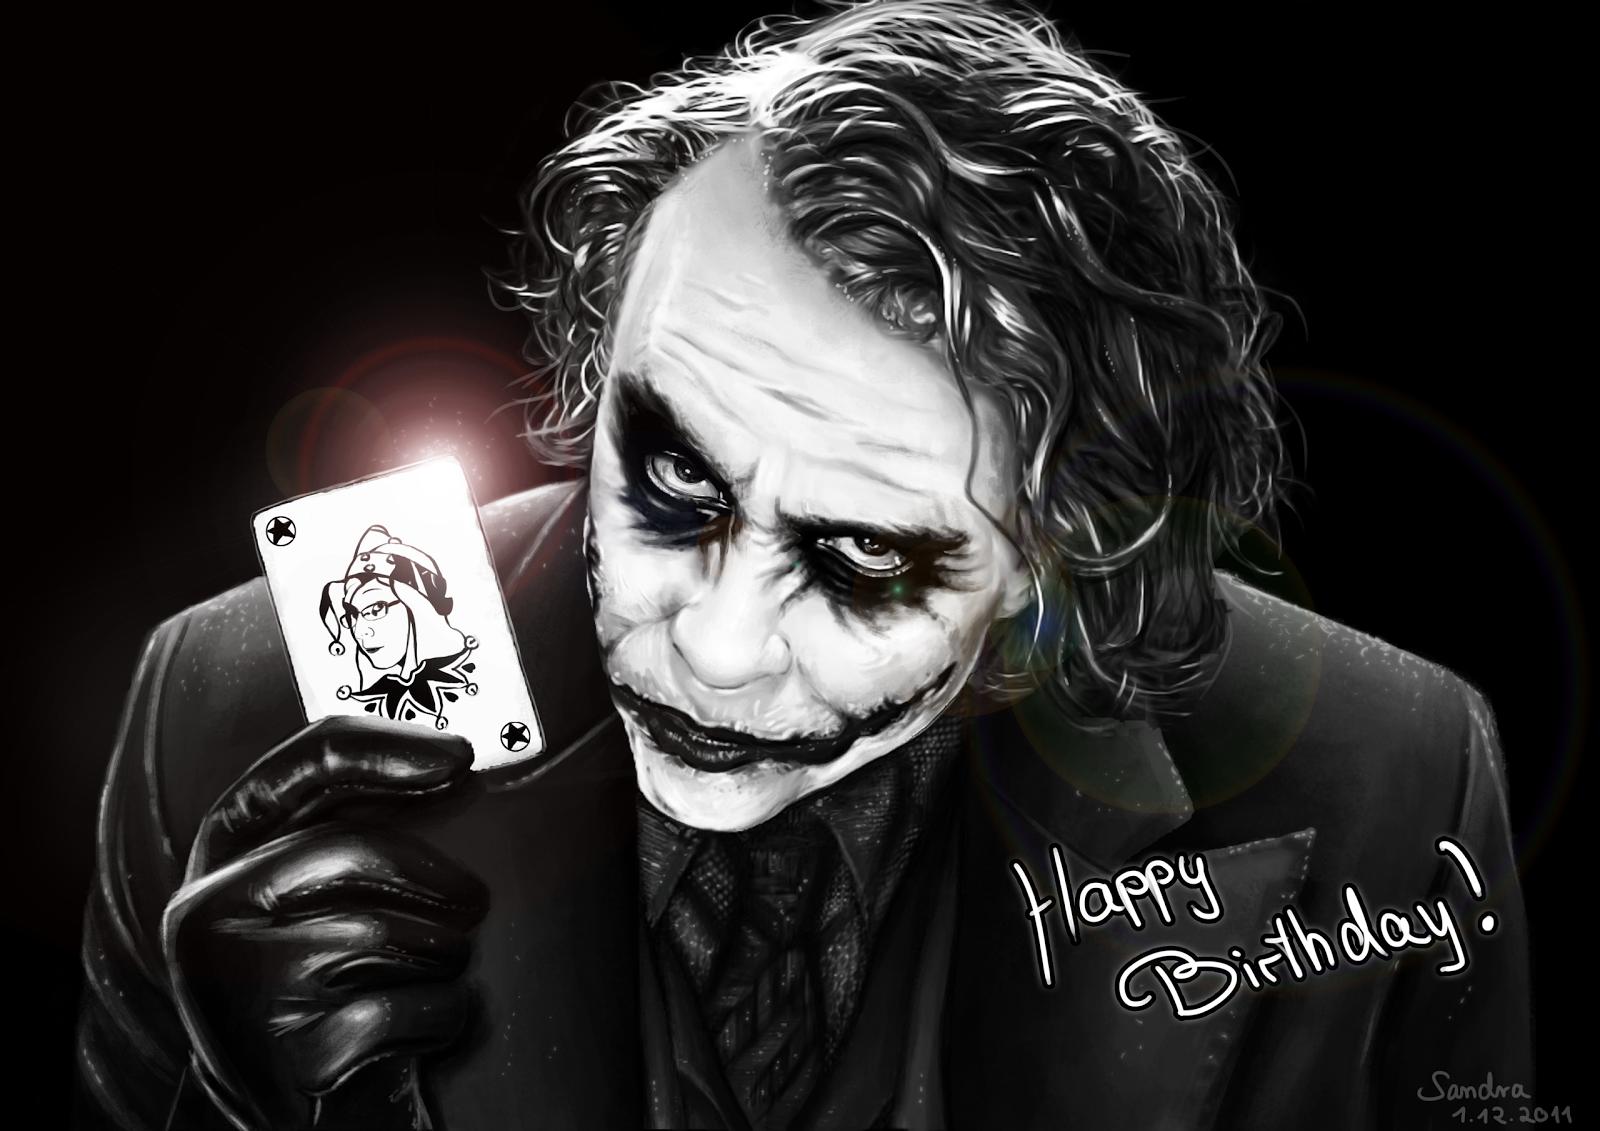 Sandra's Art Blog The Joker